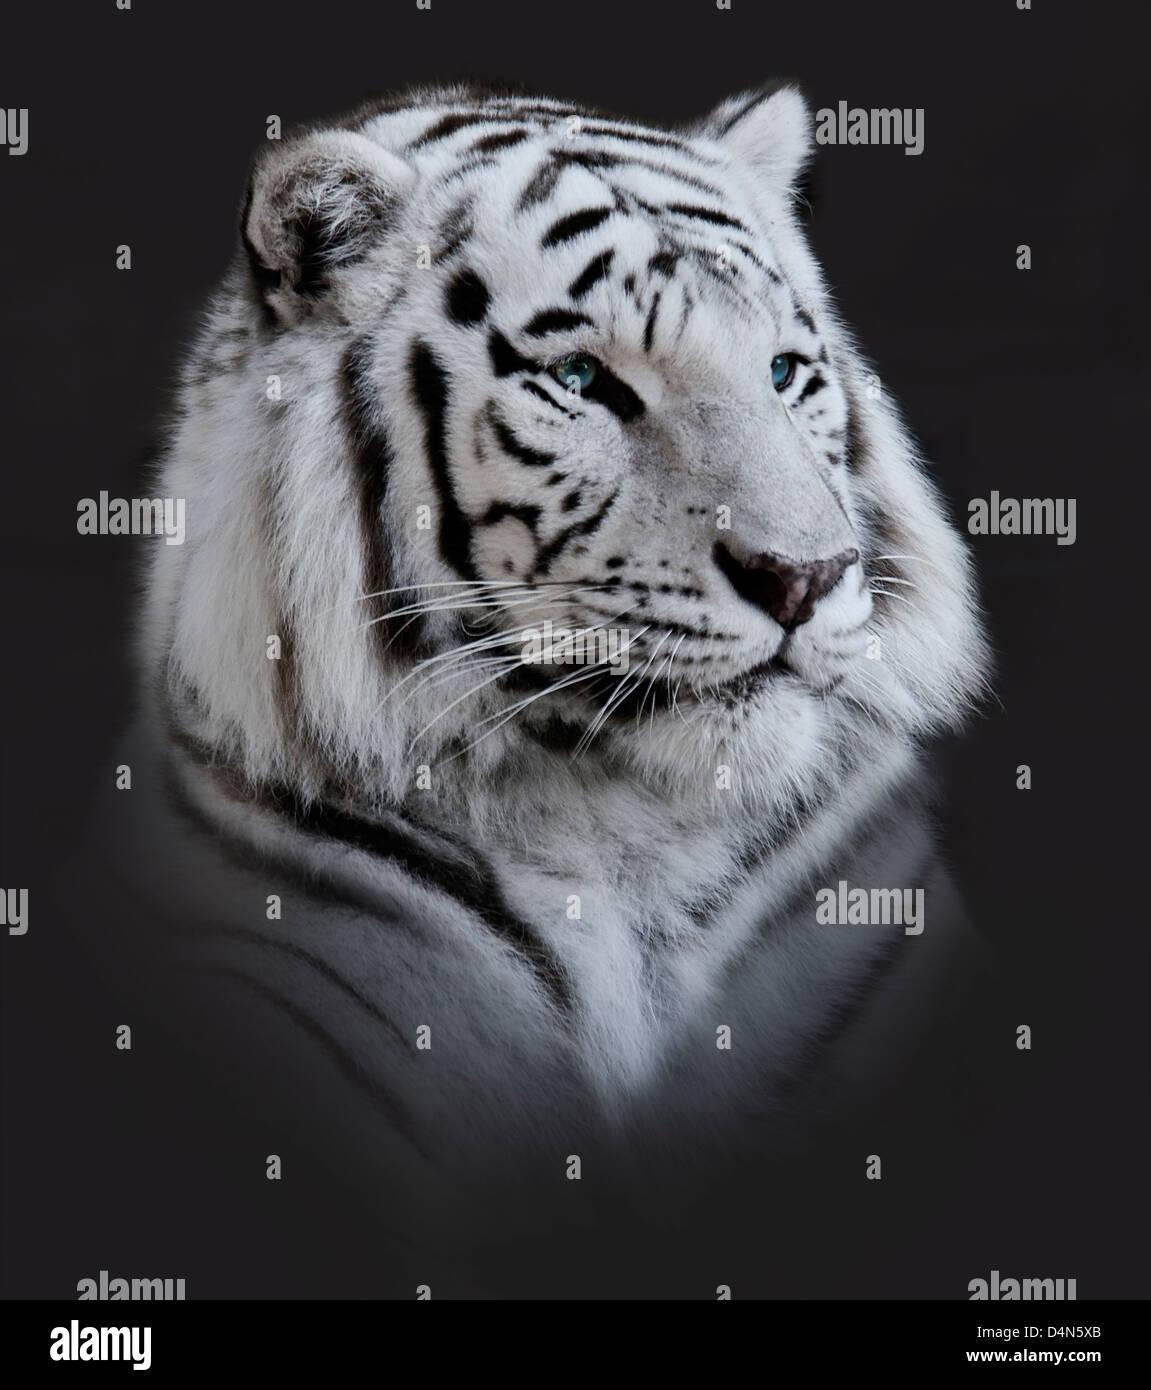 Weißer Tiger-Portrait auf dunklem Hintergrund Stockbild